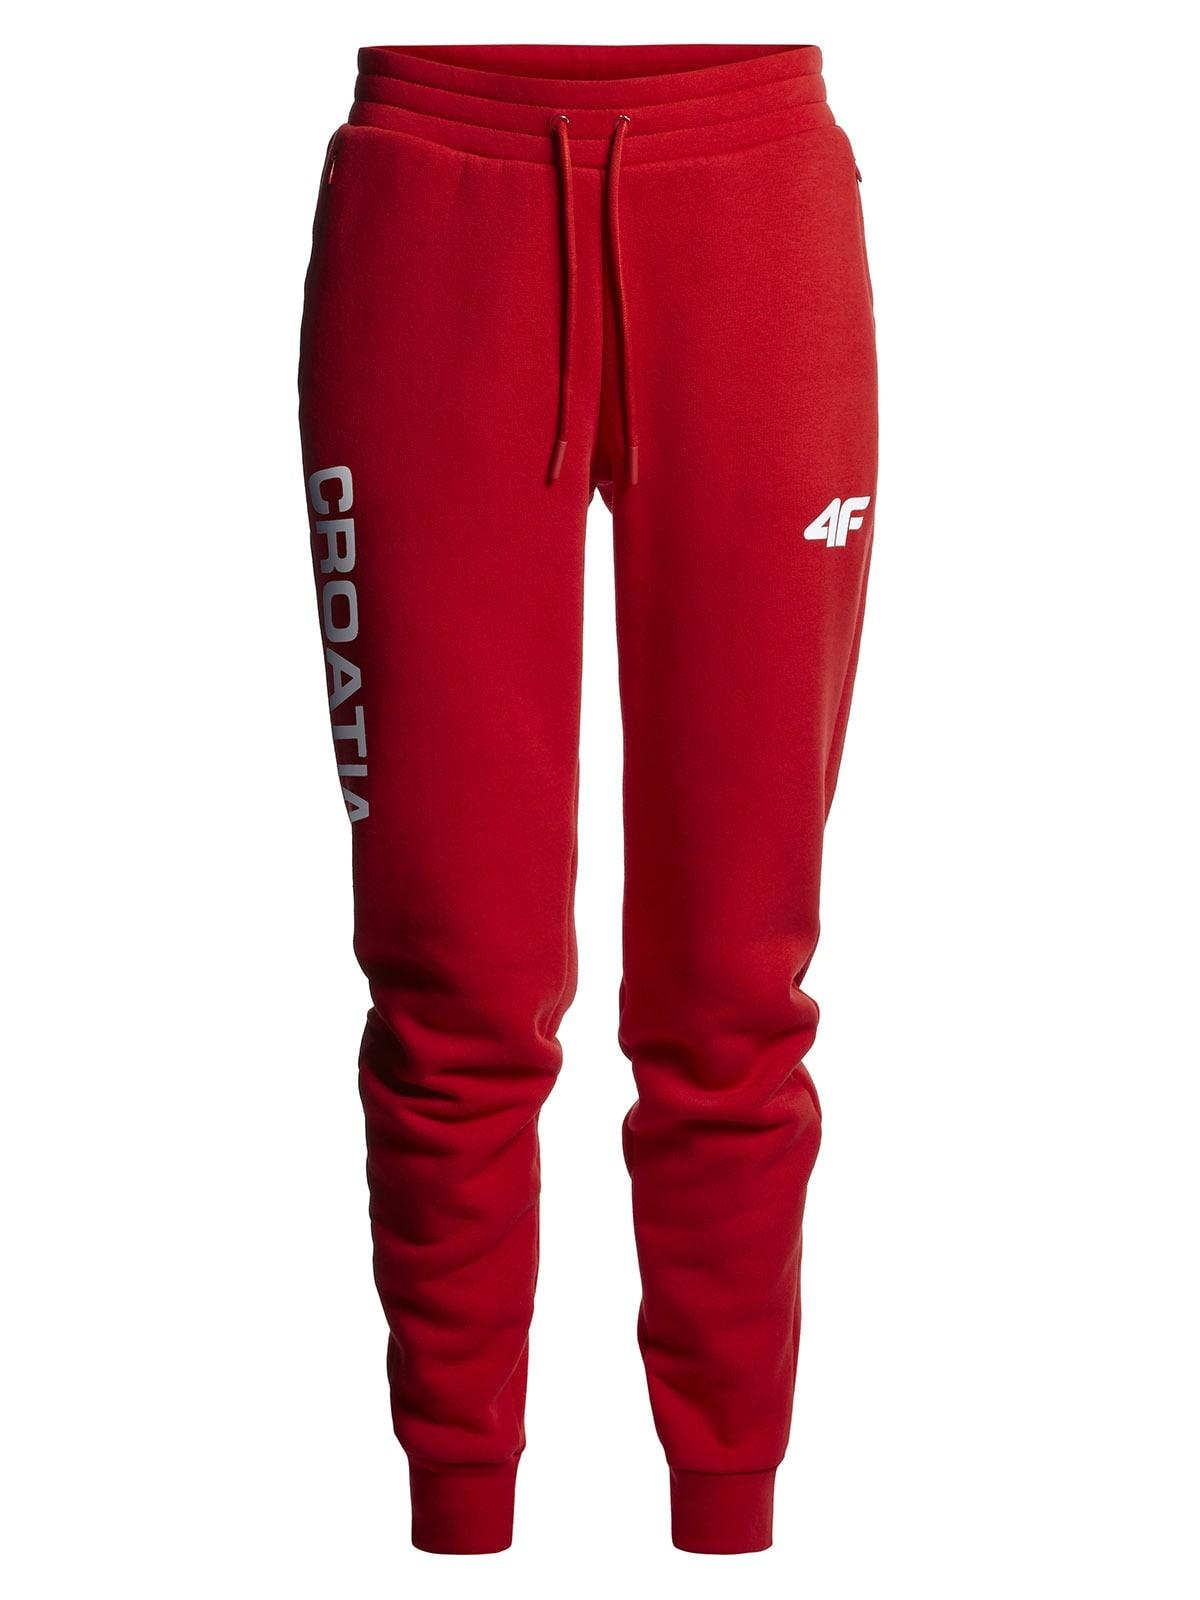 Spodnie dresowe damskie Chorwacja Pyeongchang 2018 SPDD750 - czerwony wiśniowy